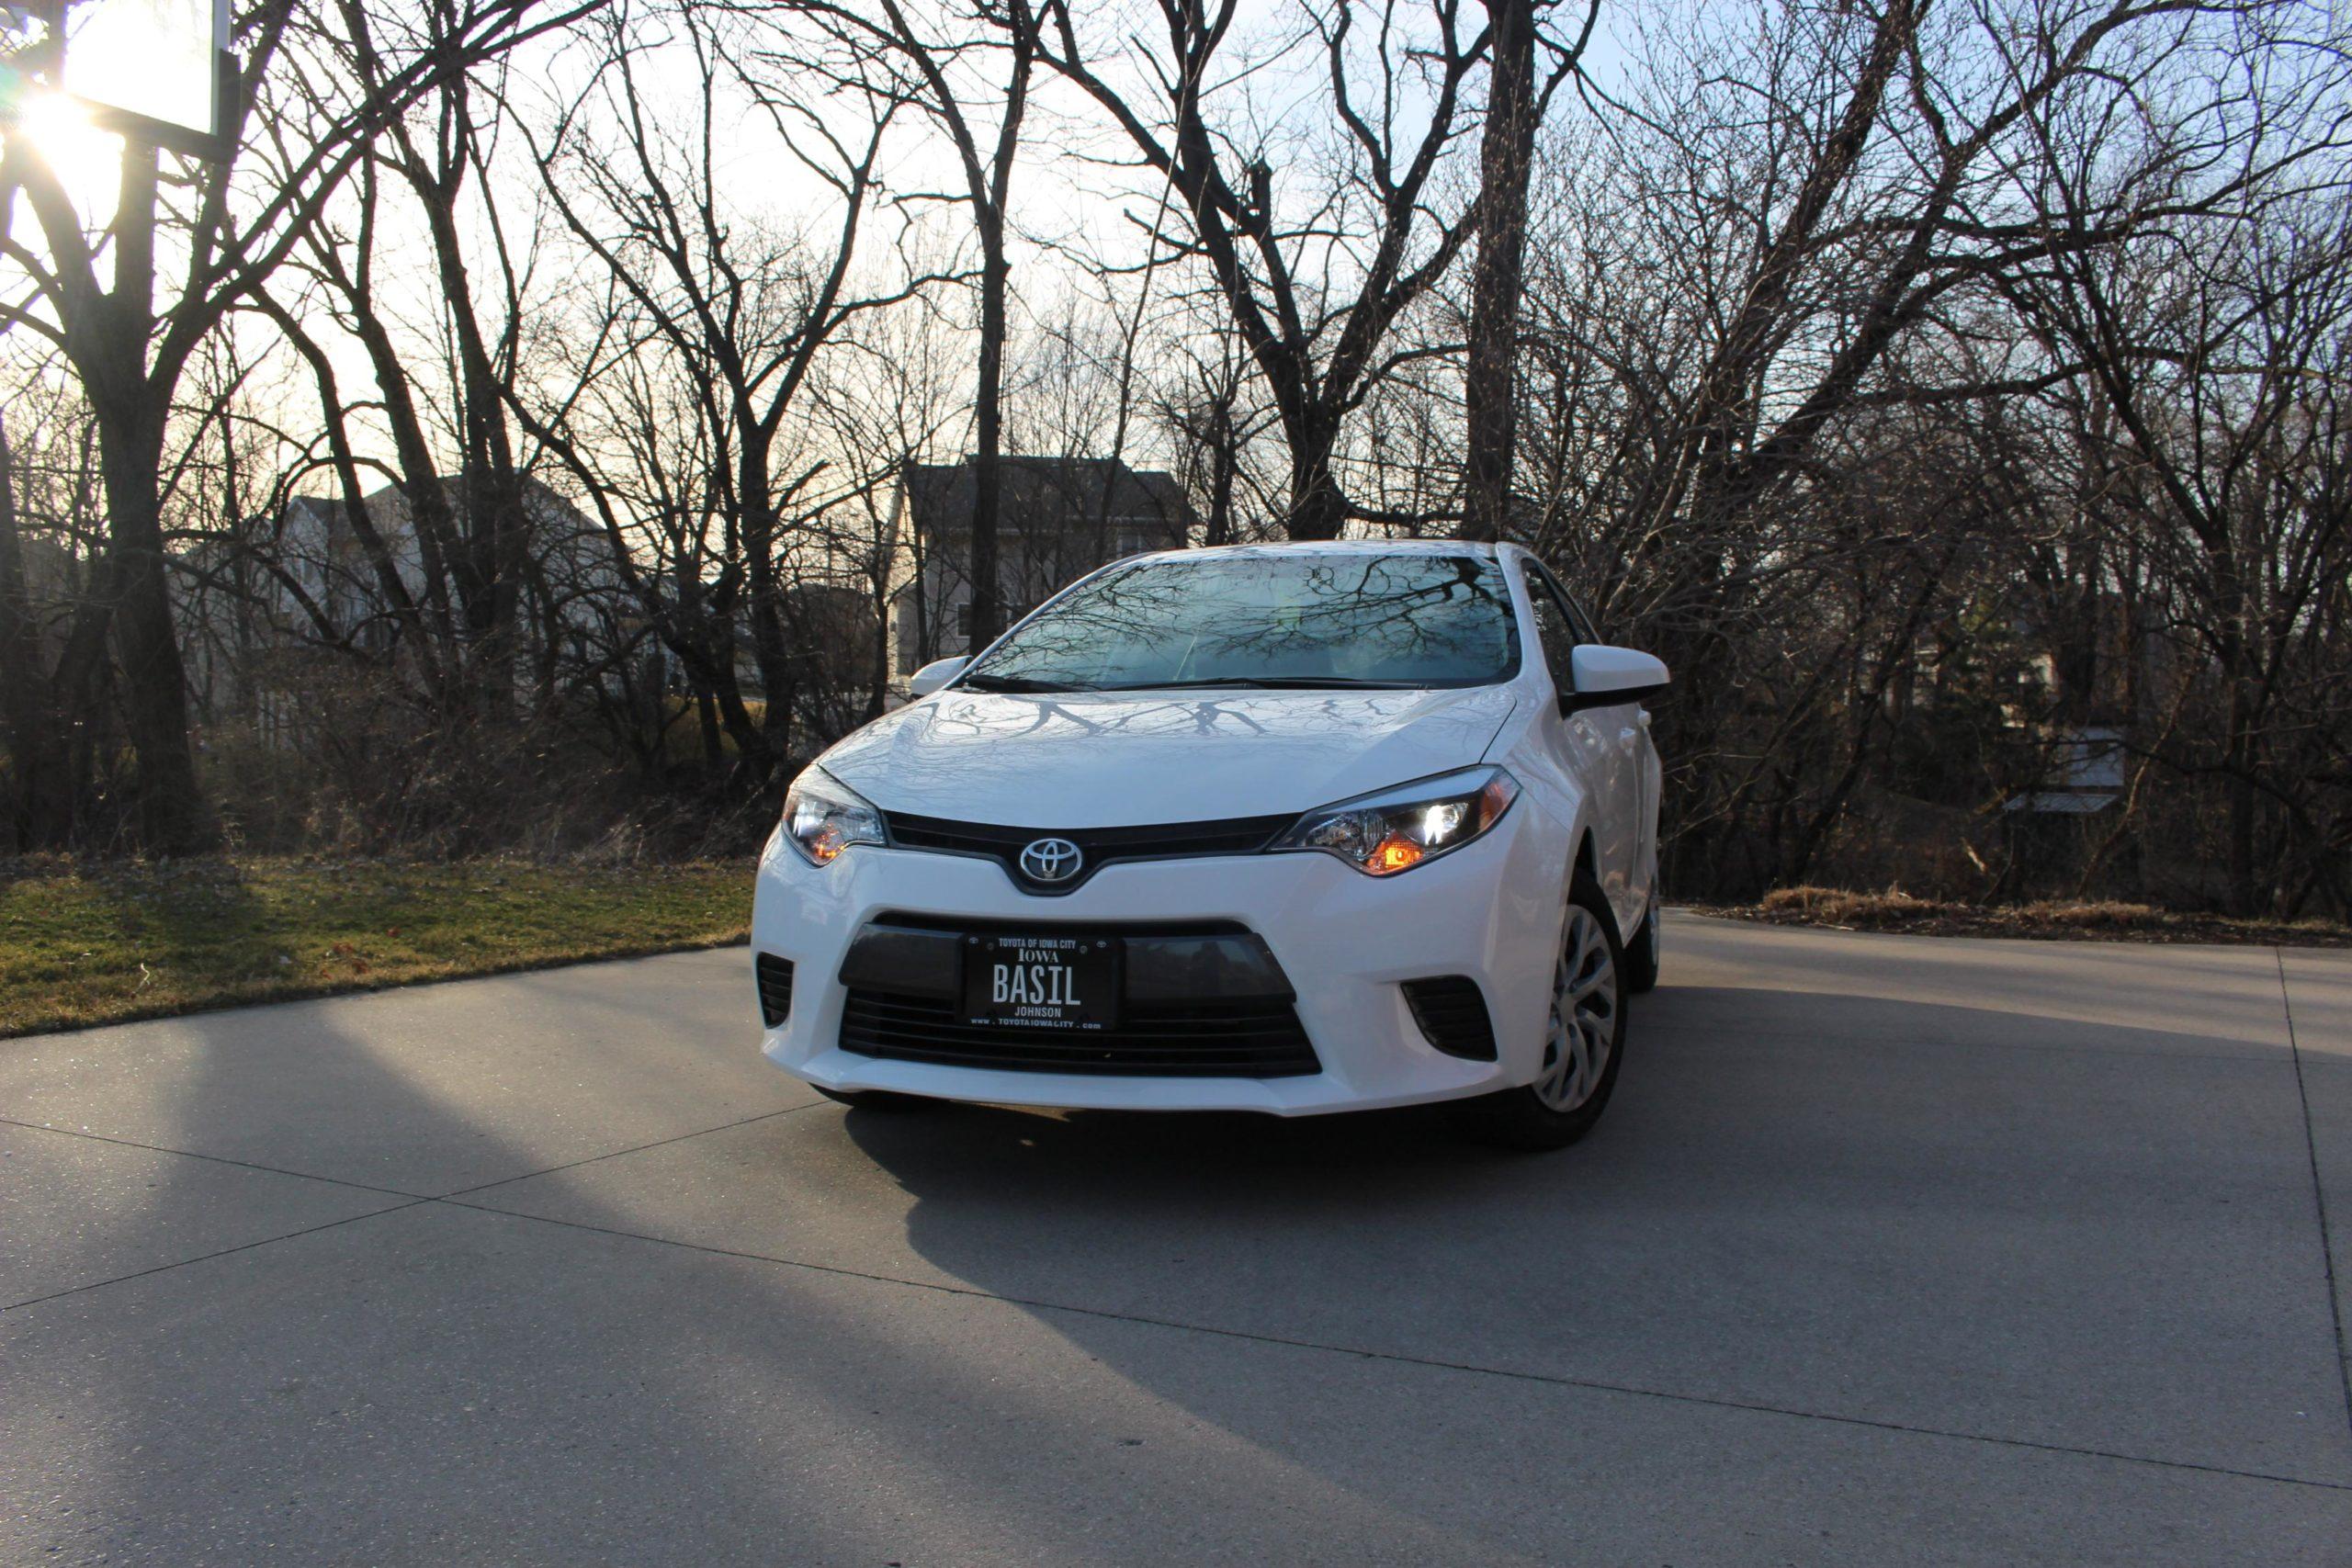 Not a super car but it's my little Corolla my parents got me